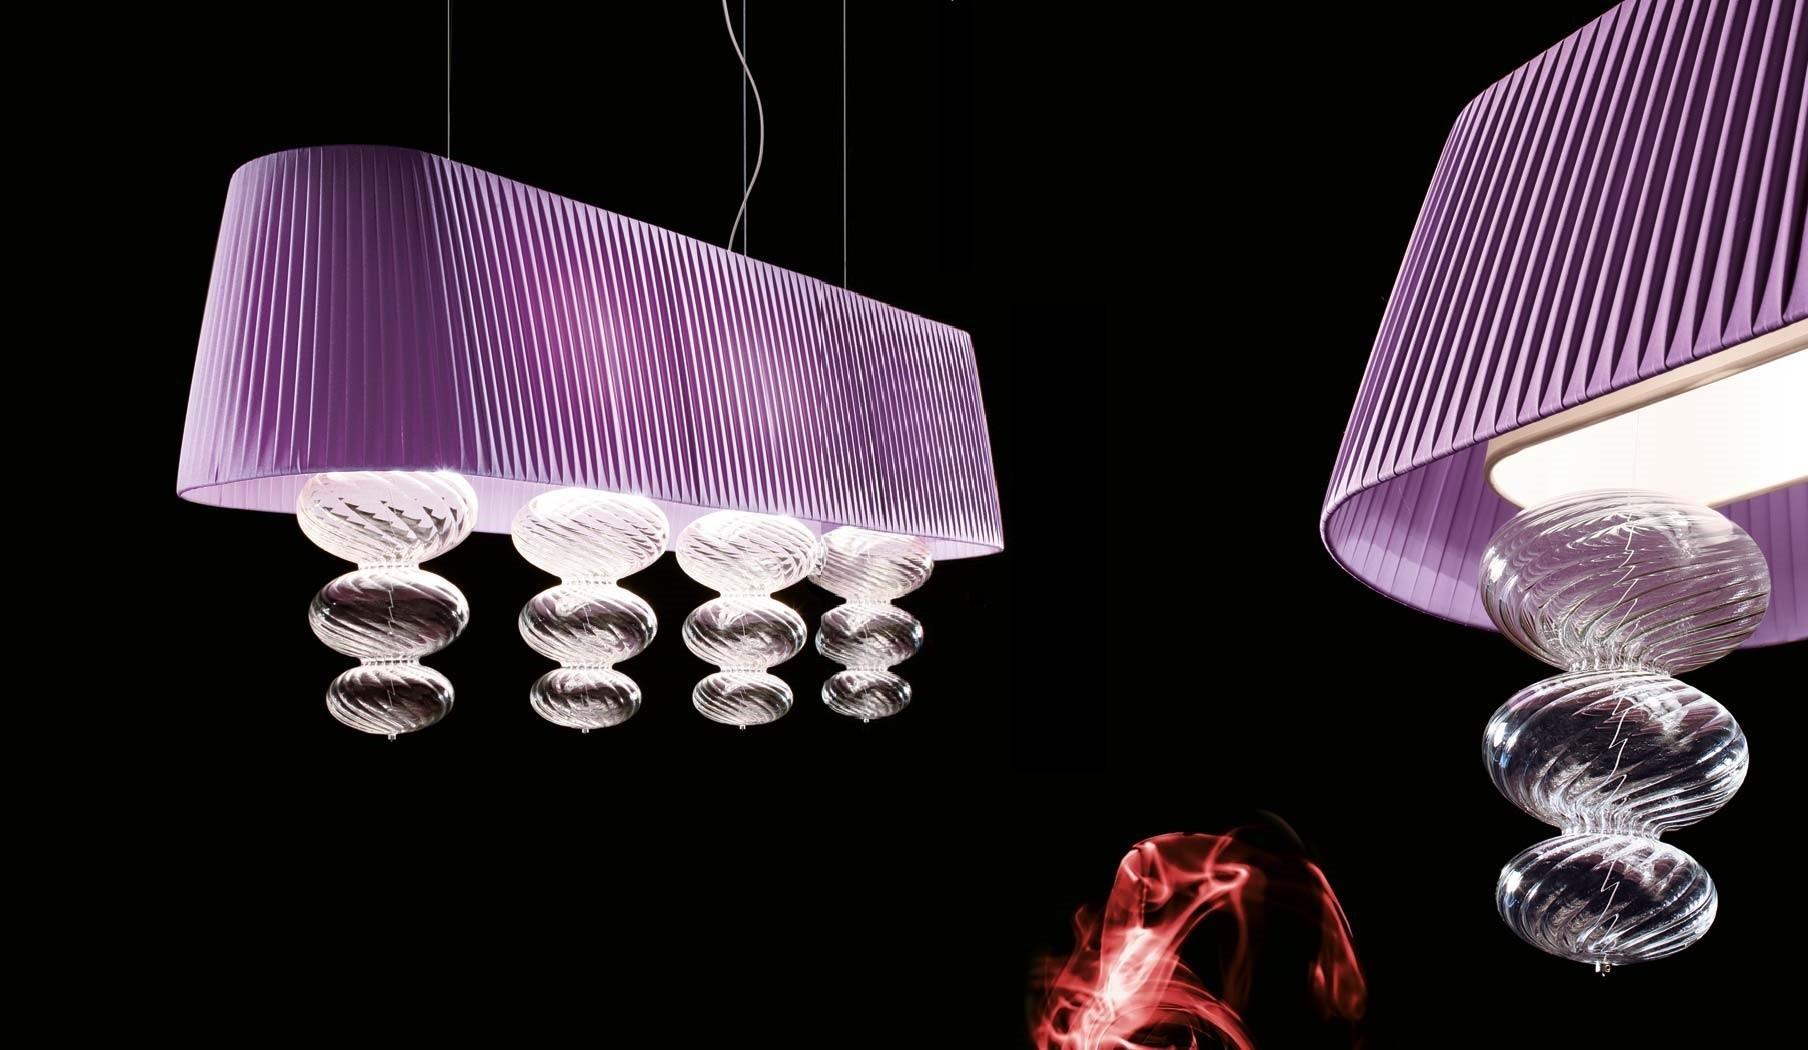 Musa SO OVAL 120 - Vintage - lampa wisząca  GWARANCJA NAJNIŻSZEJ CENY!